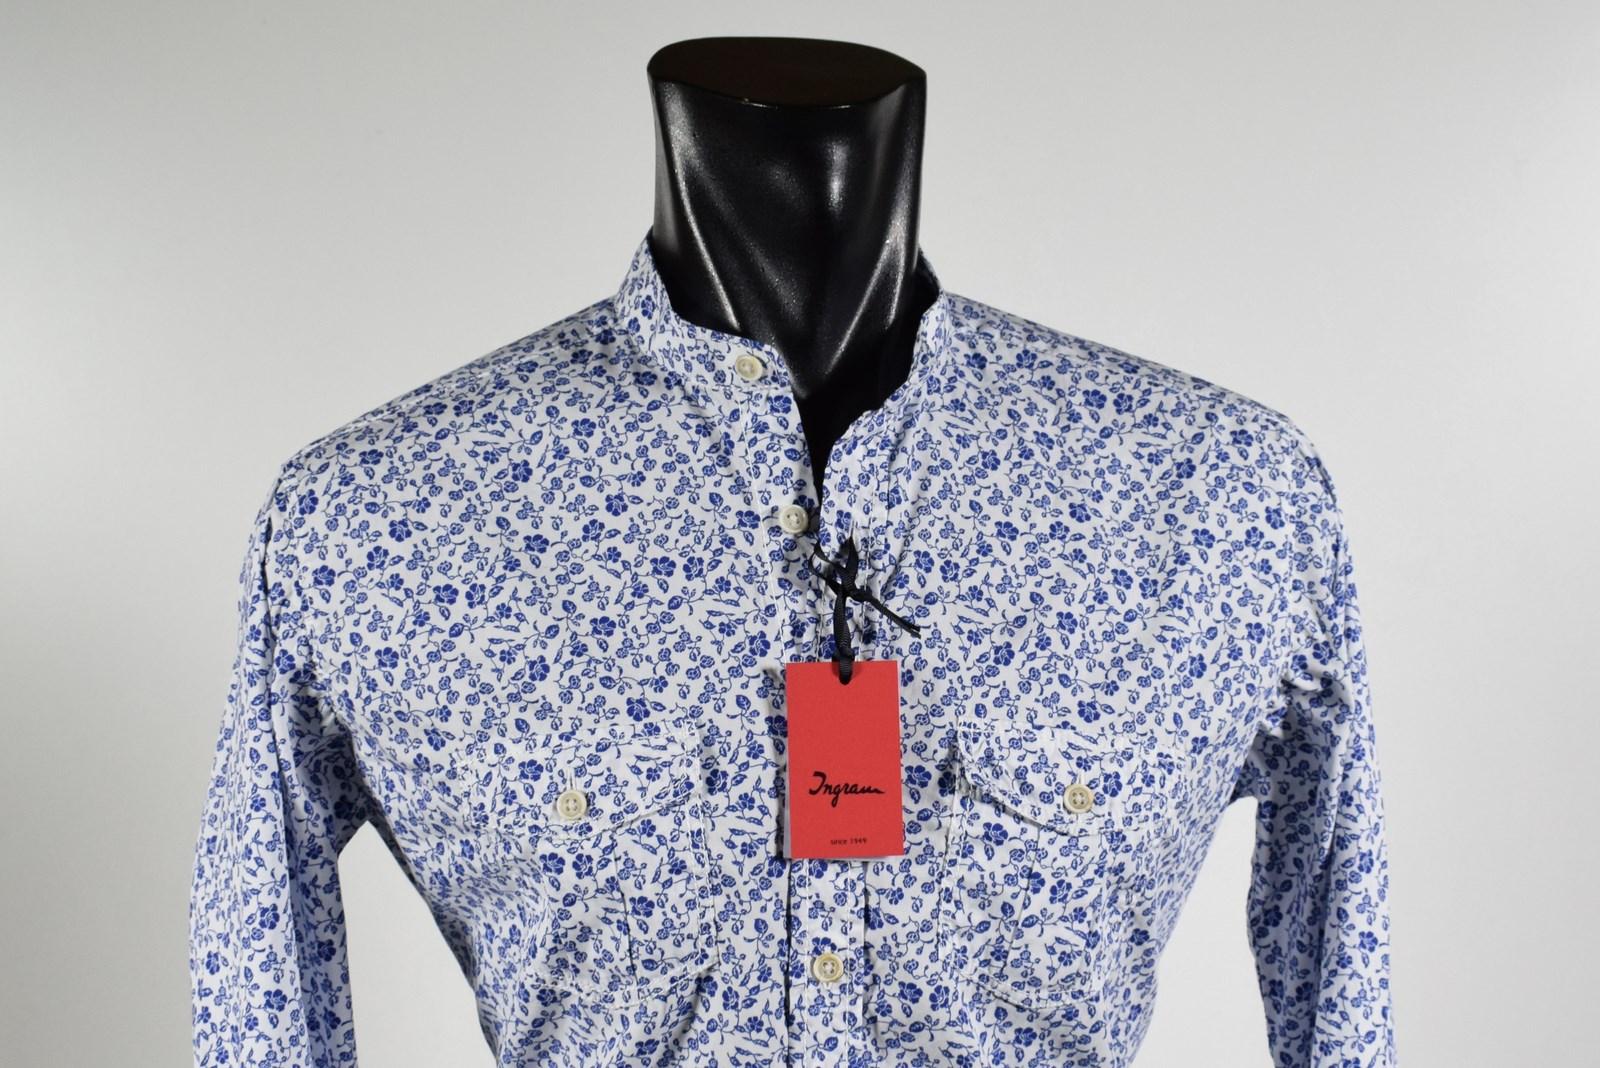 Cuello Coreano de Al Verano Camisa Primavera hombre Ingram 2018 Yyy78fK d27beeb082cd